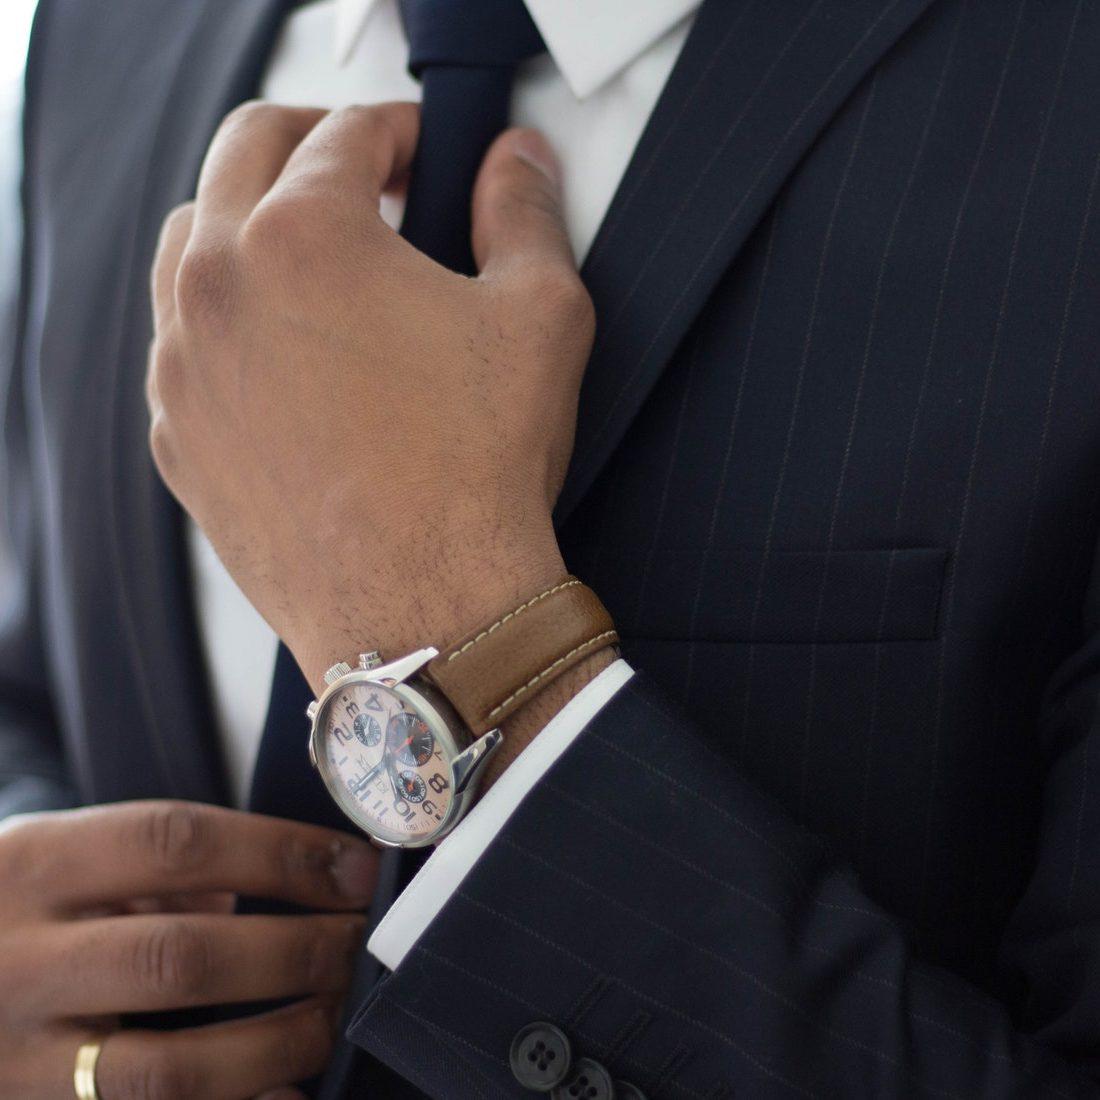 Unternehmen beauftragt Influencer für Marketingzwecke